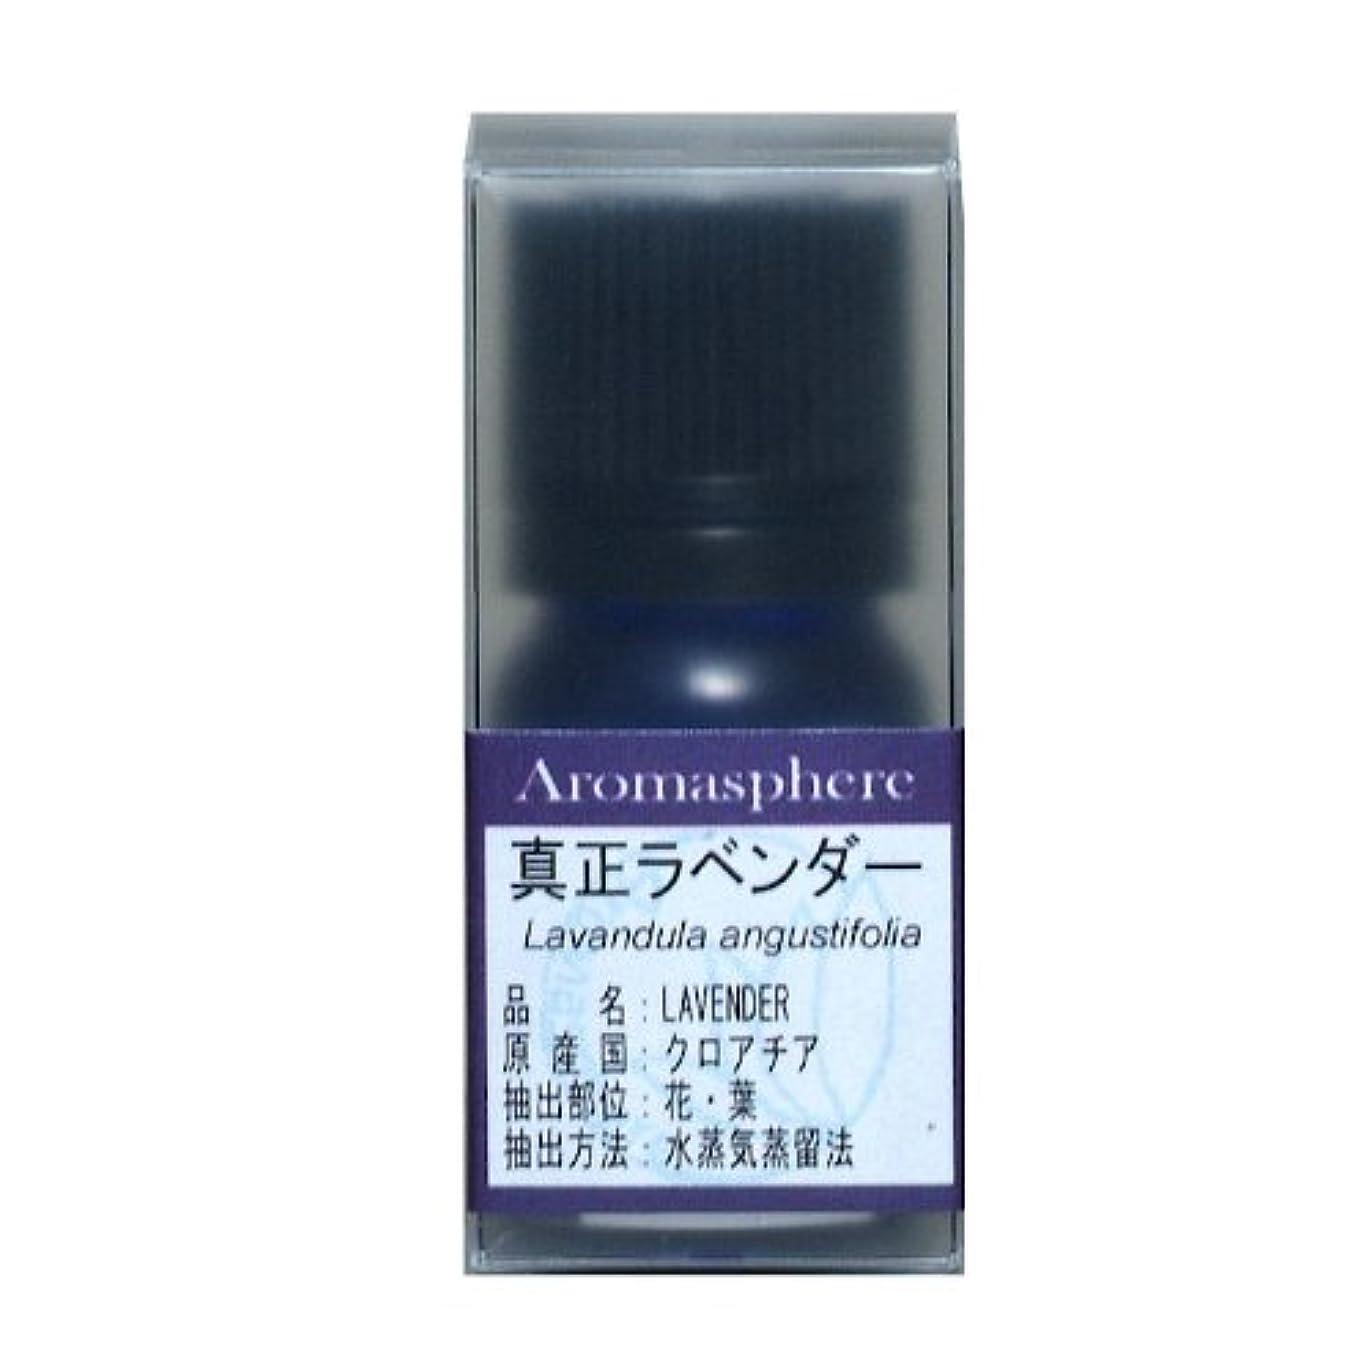 最高コントローラマークされた【アロマスフィア】真正ラベンダー 5ml エッセンシャルオイル(精油)